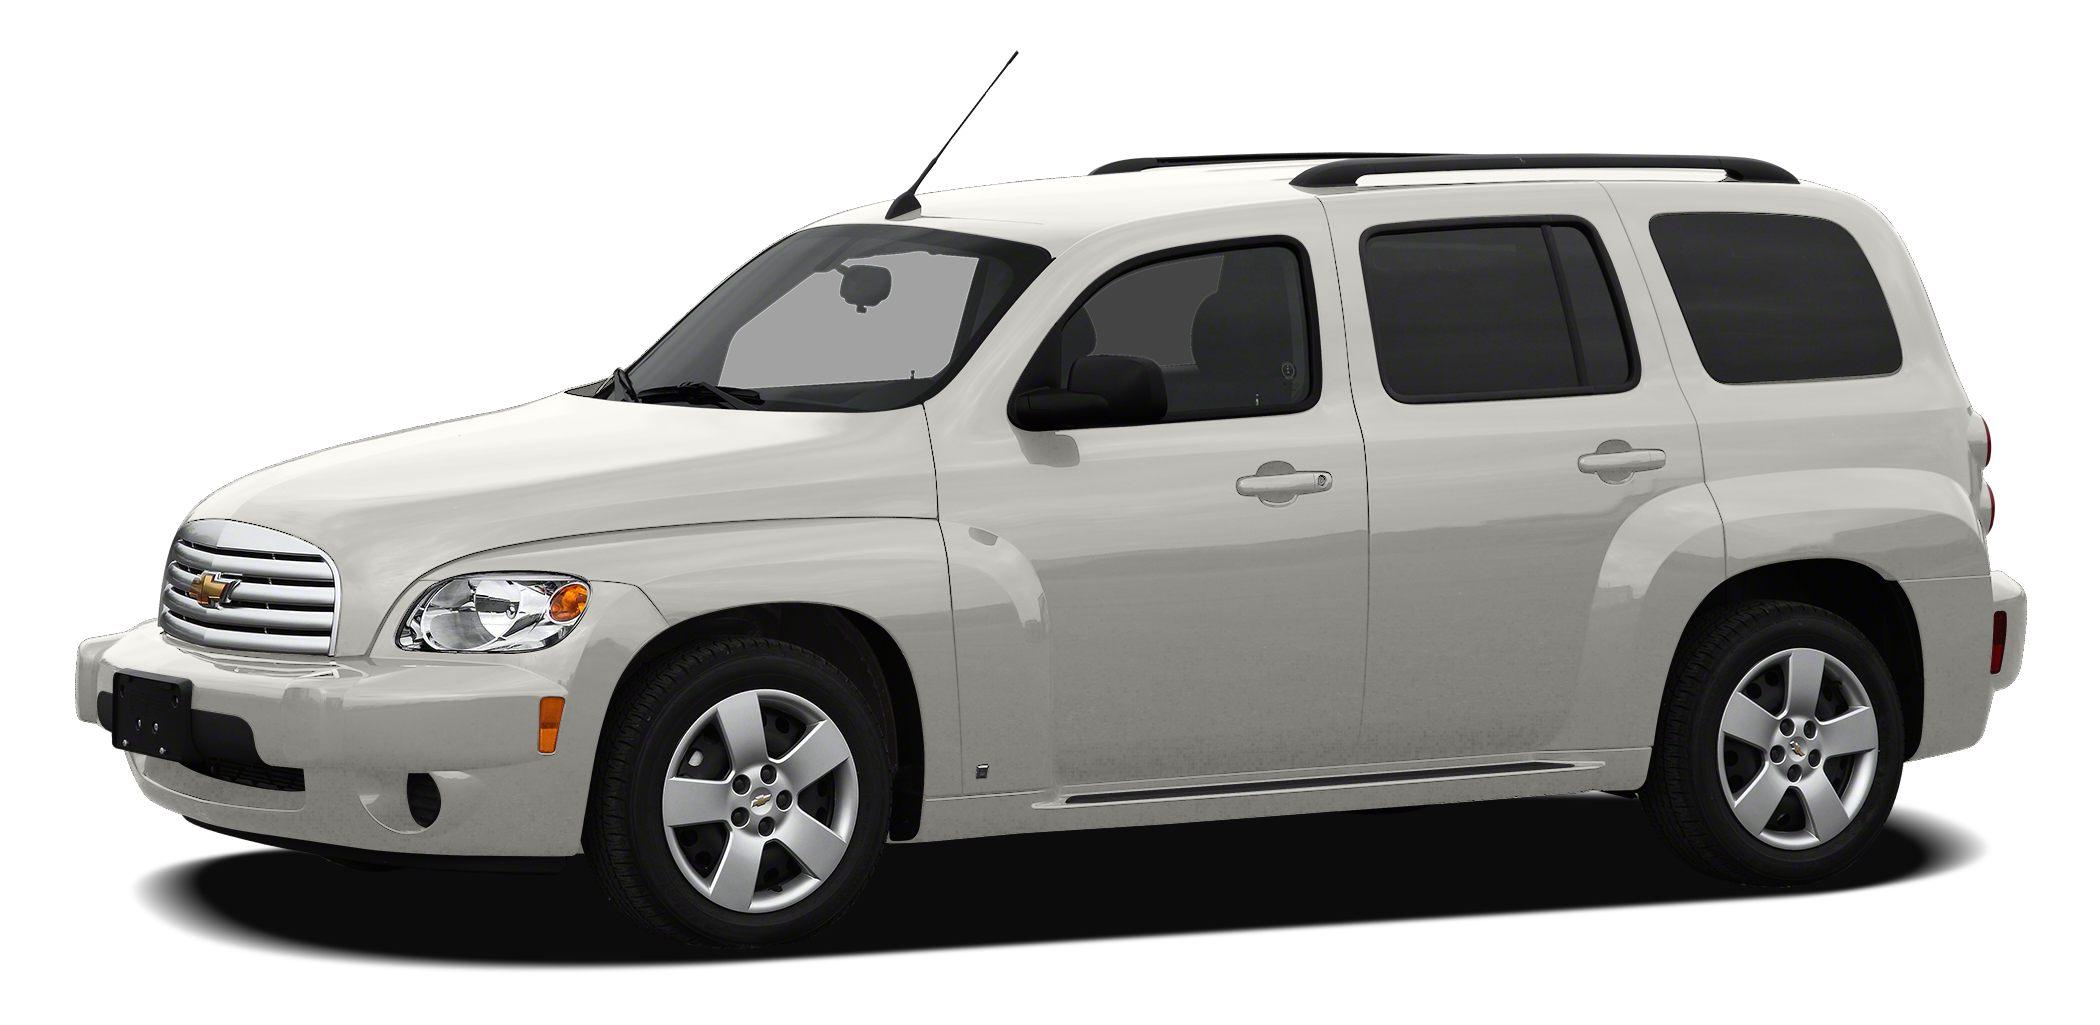 2011 Chevrolet HHR LT HHR LT and ECOTEC 22L I4 SFI DOHC 16V Flex Fuel Hey Look right here If